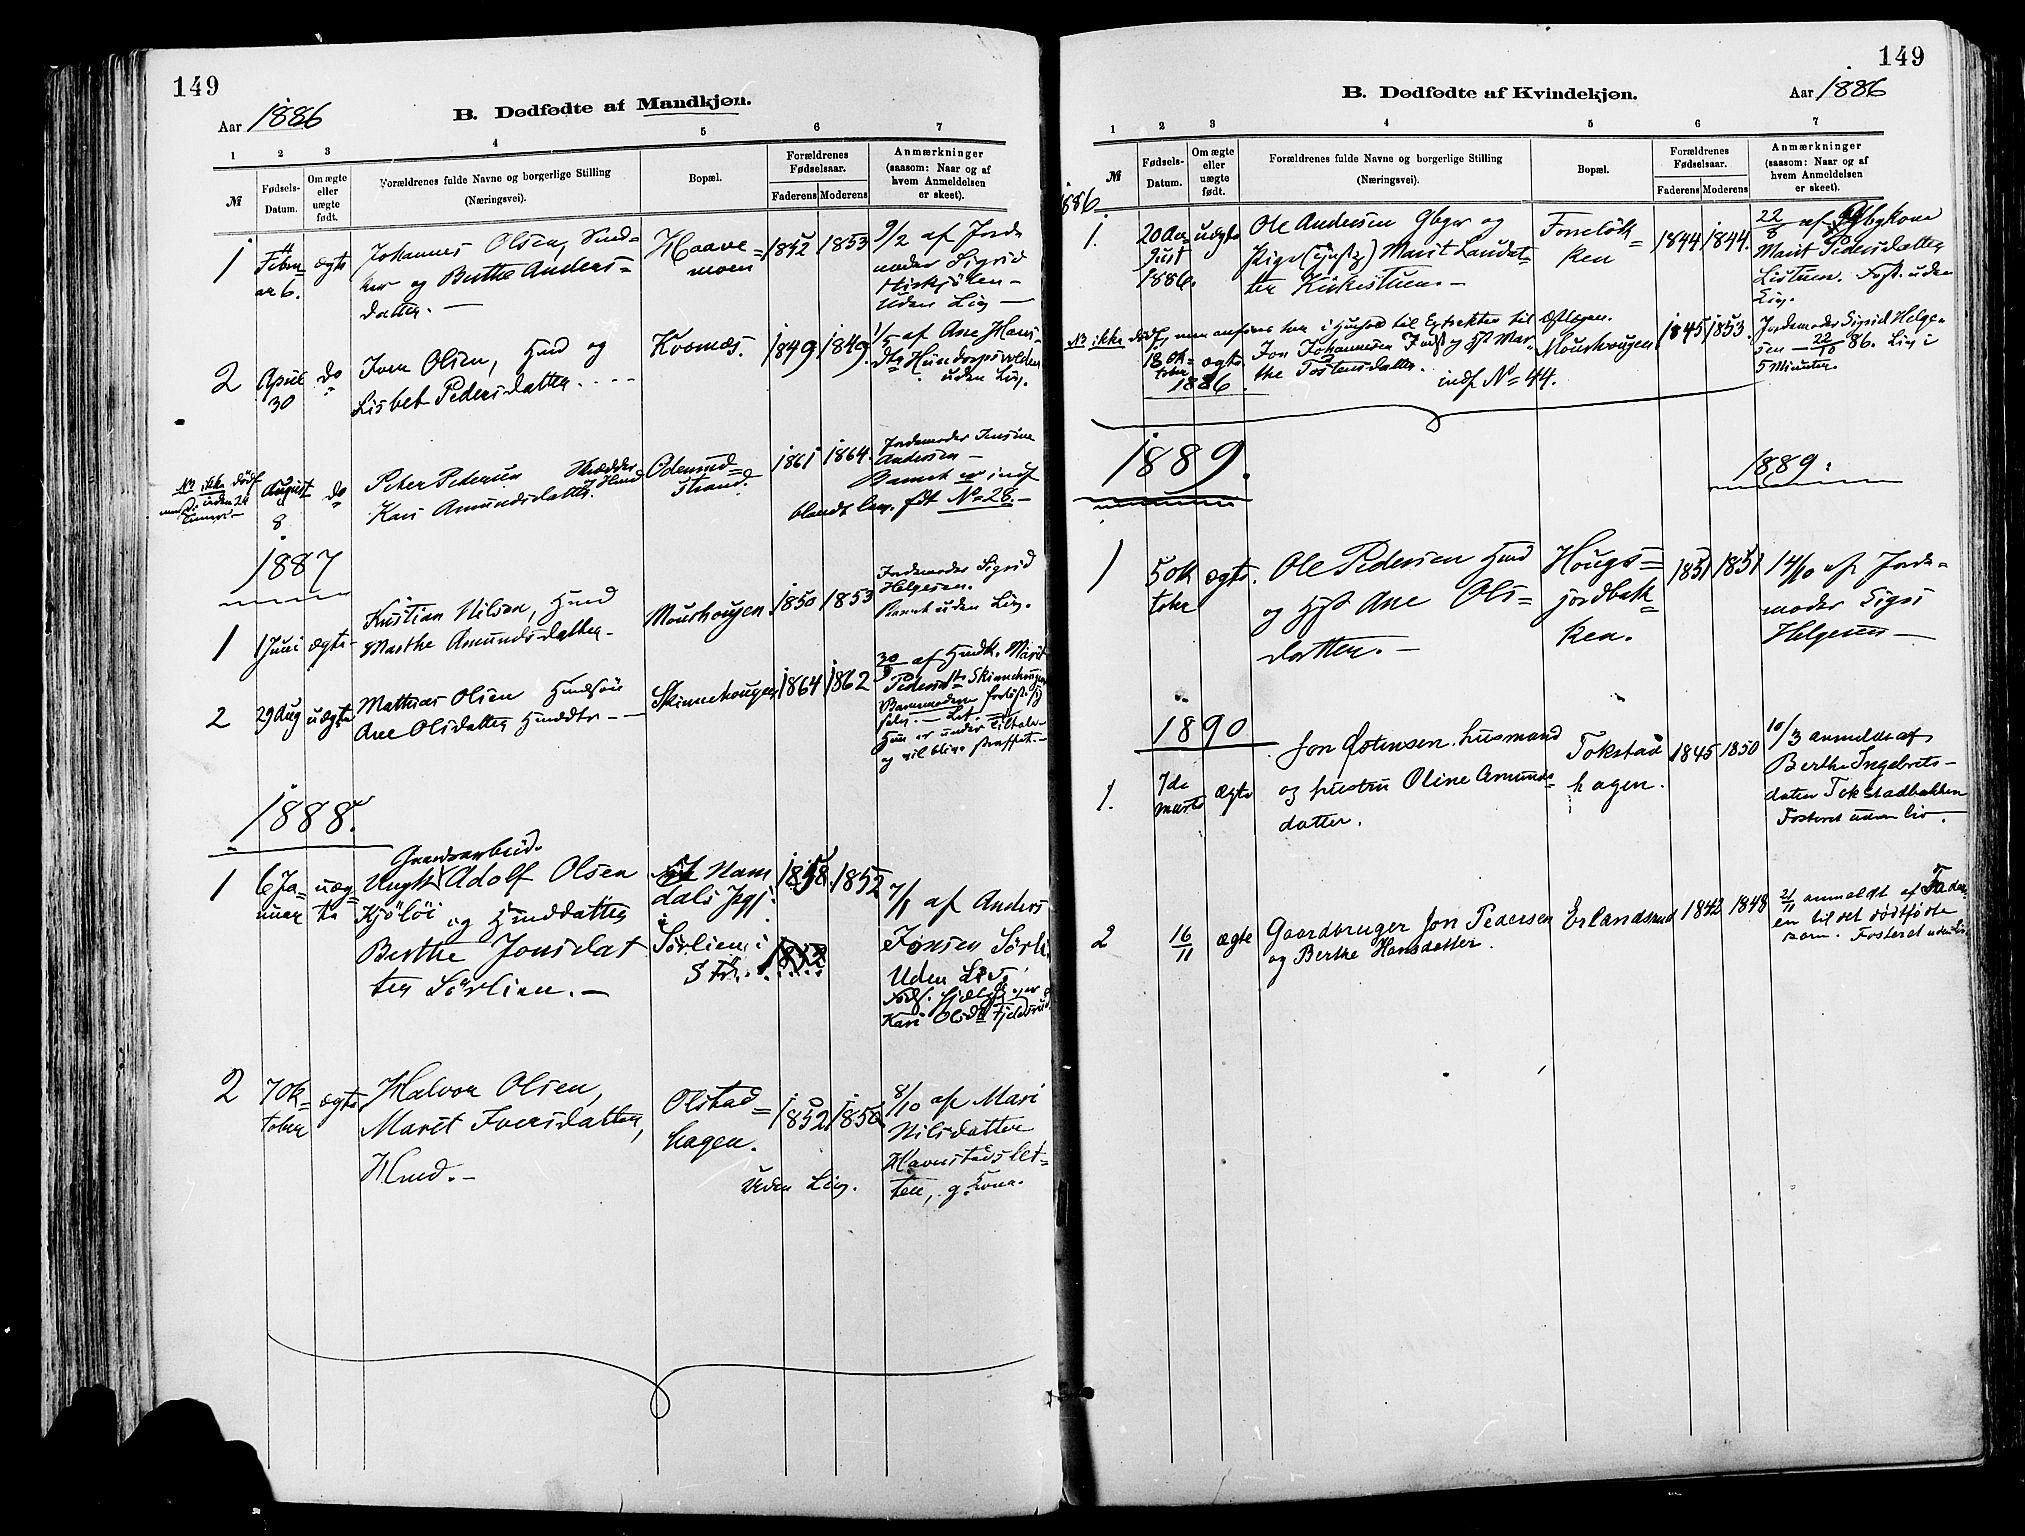 SAH, Sør-Fron prestekontor, H/Ha/Haa/L0003: Ministerialbok nr. 3, 1881-1897, s. 149